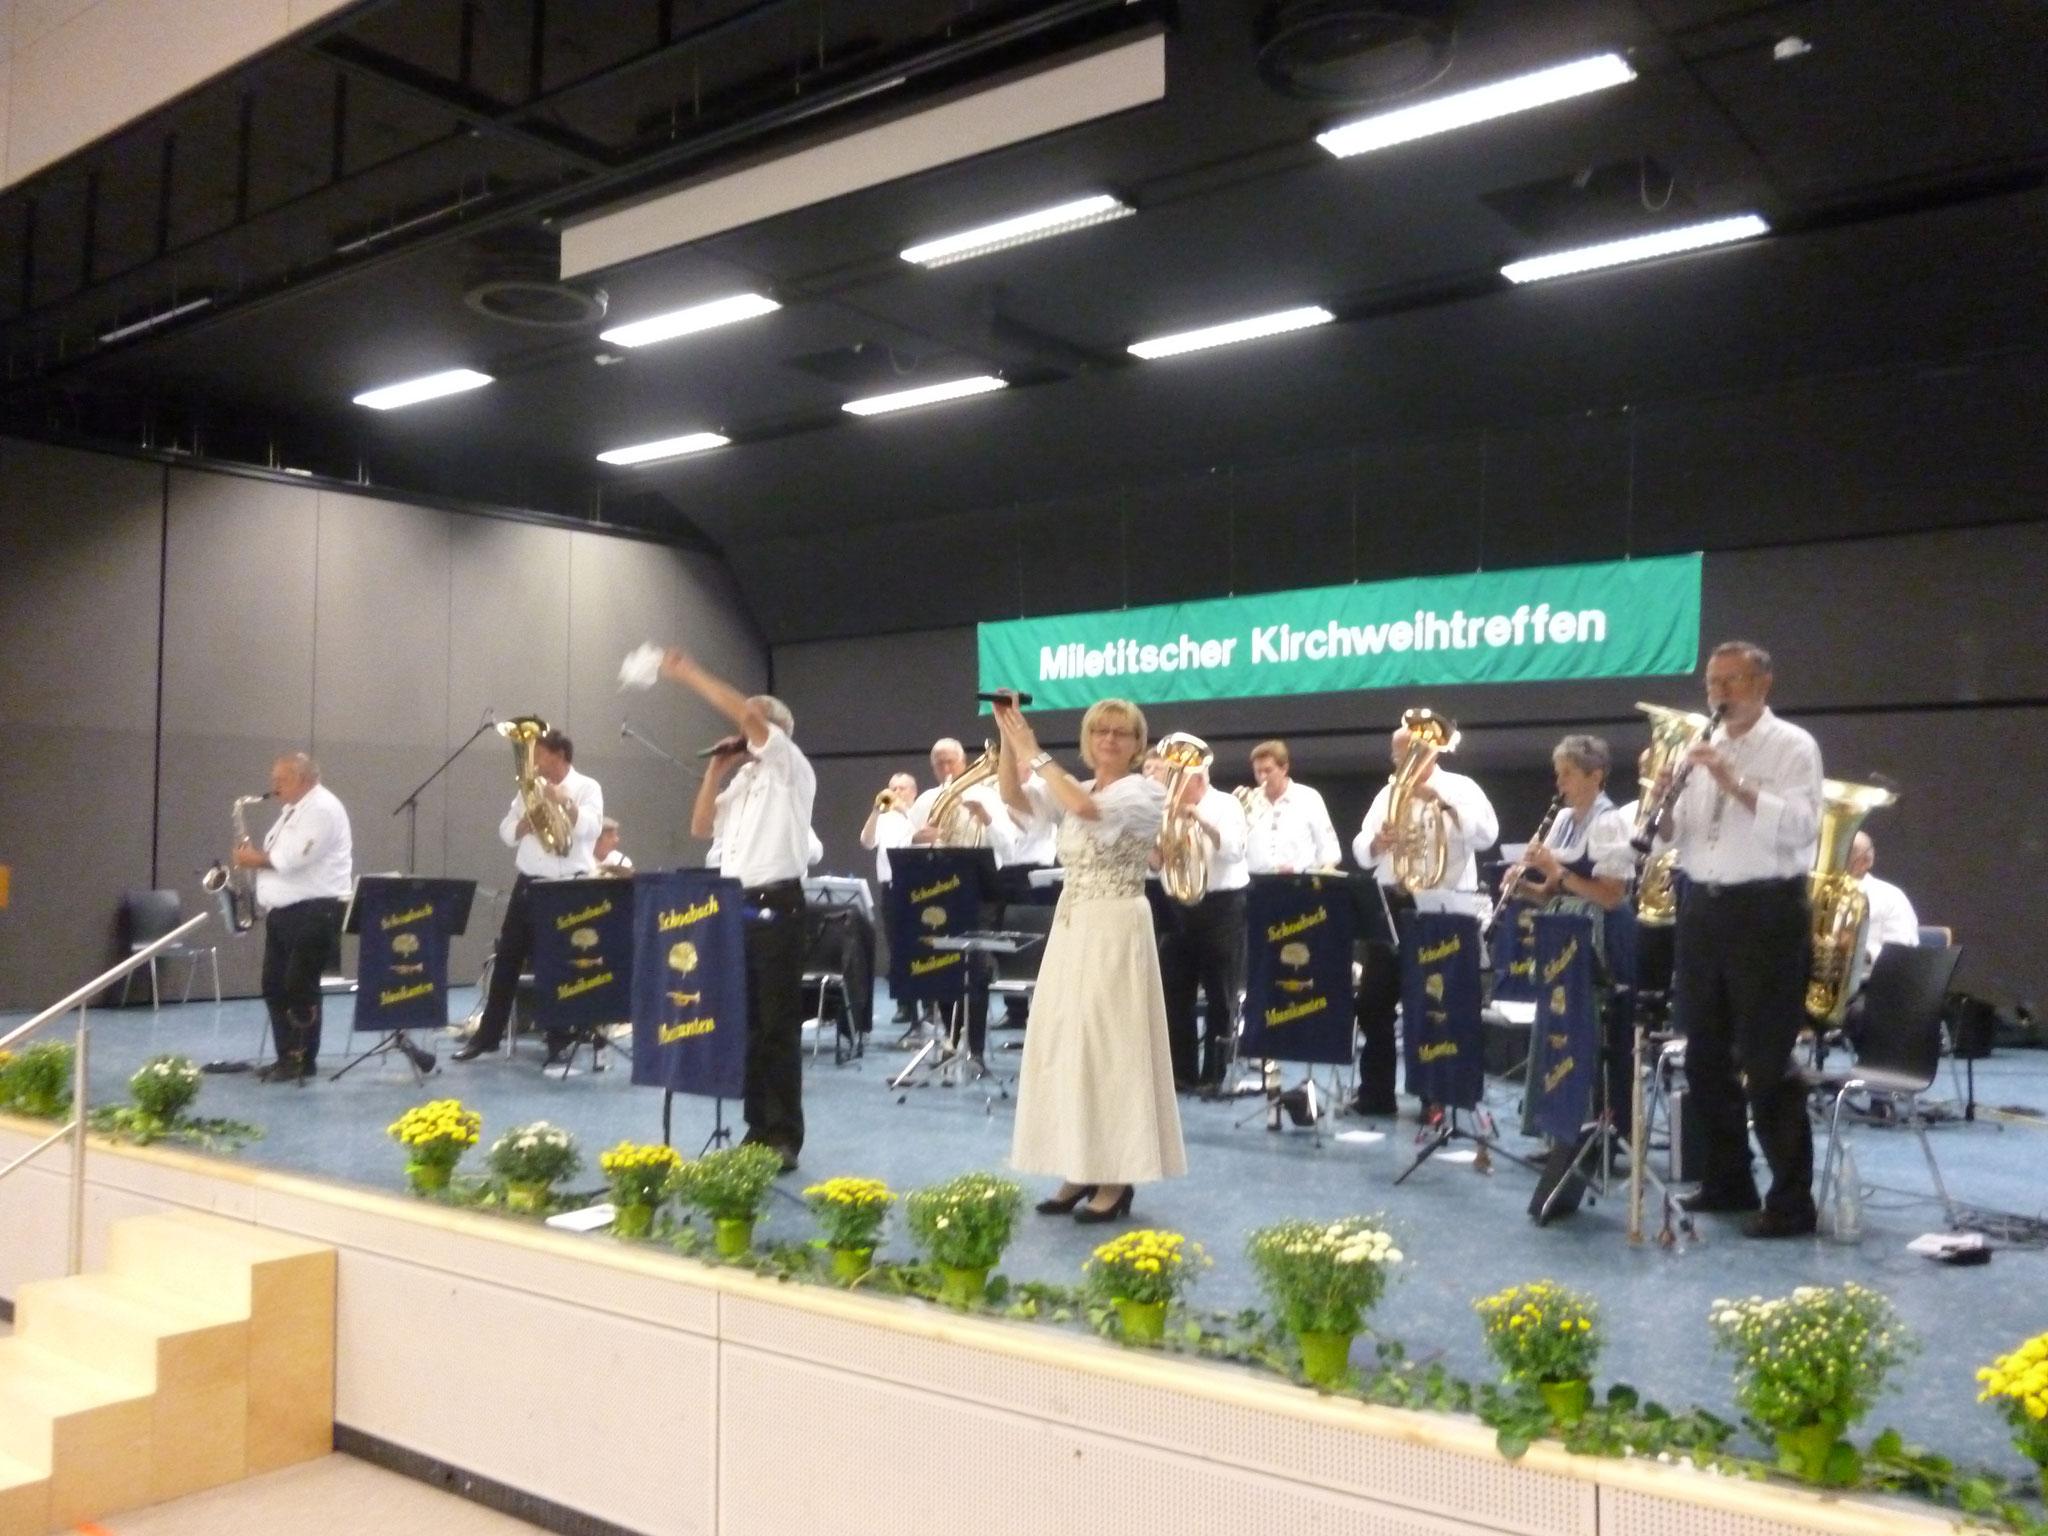 Kirchweihfest Miletitsch Schönaich 14.09.2013